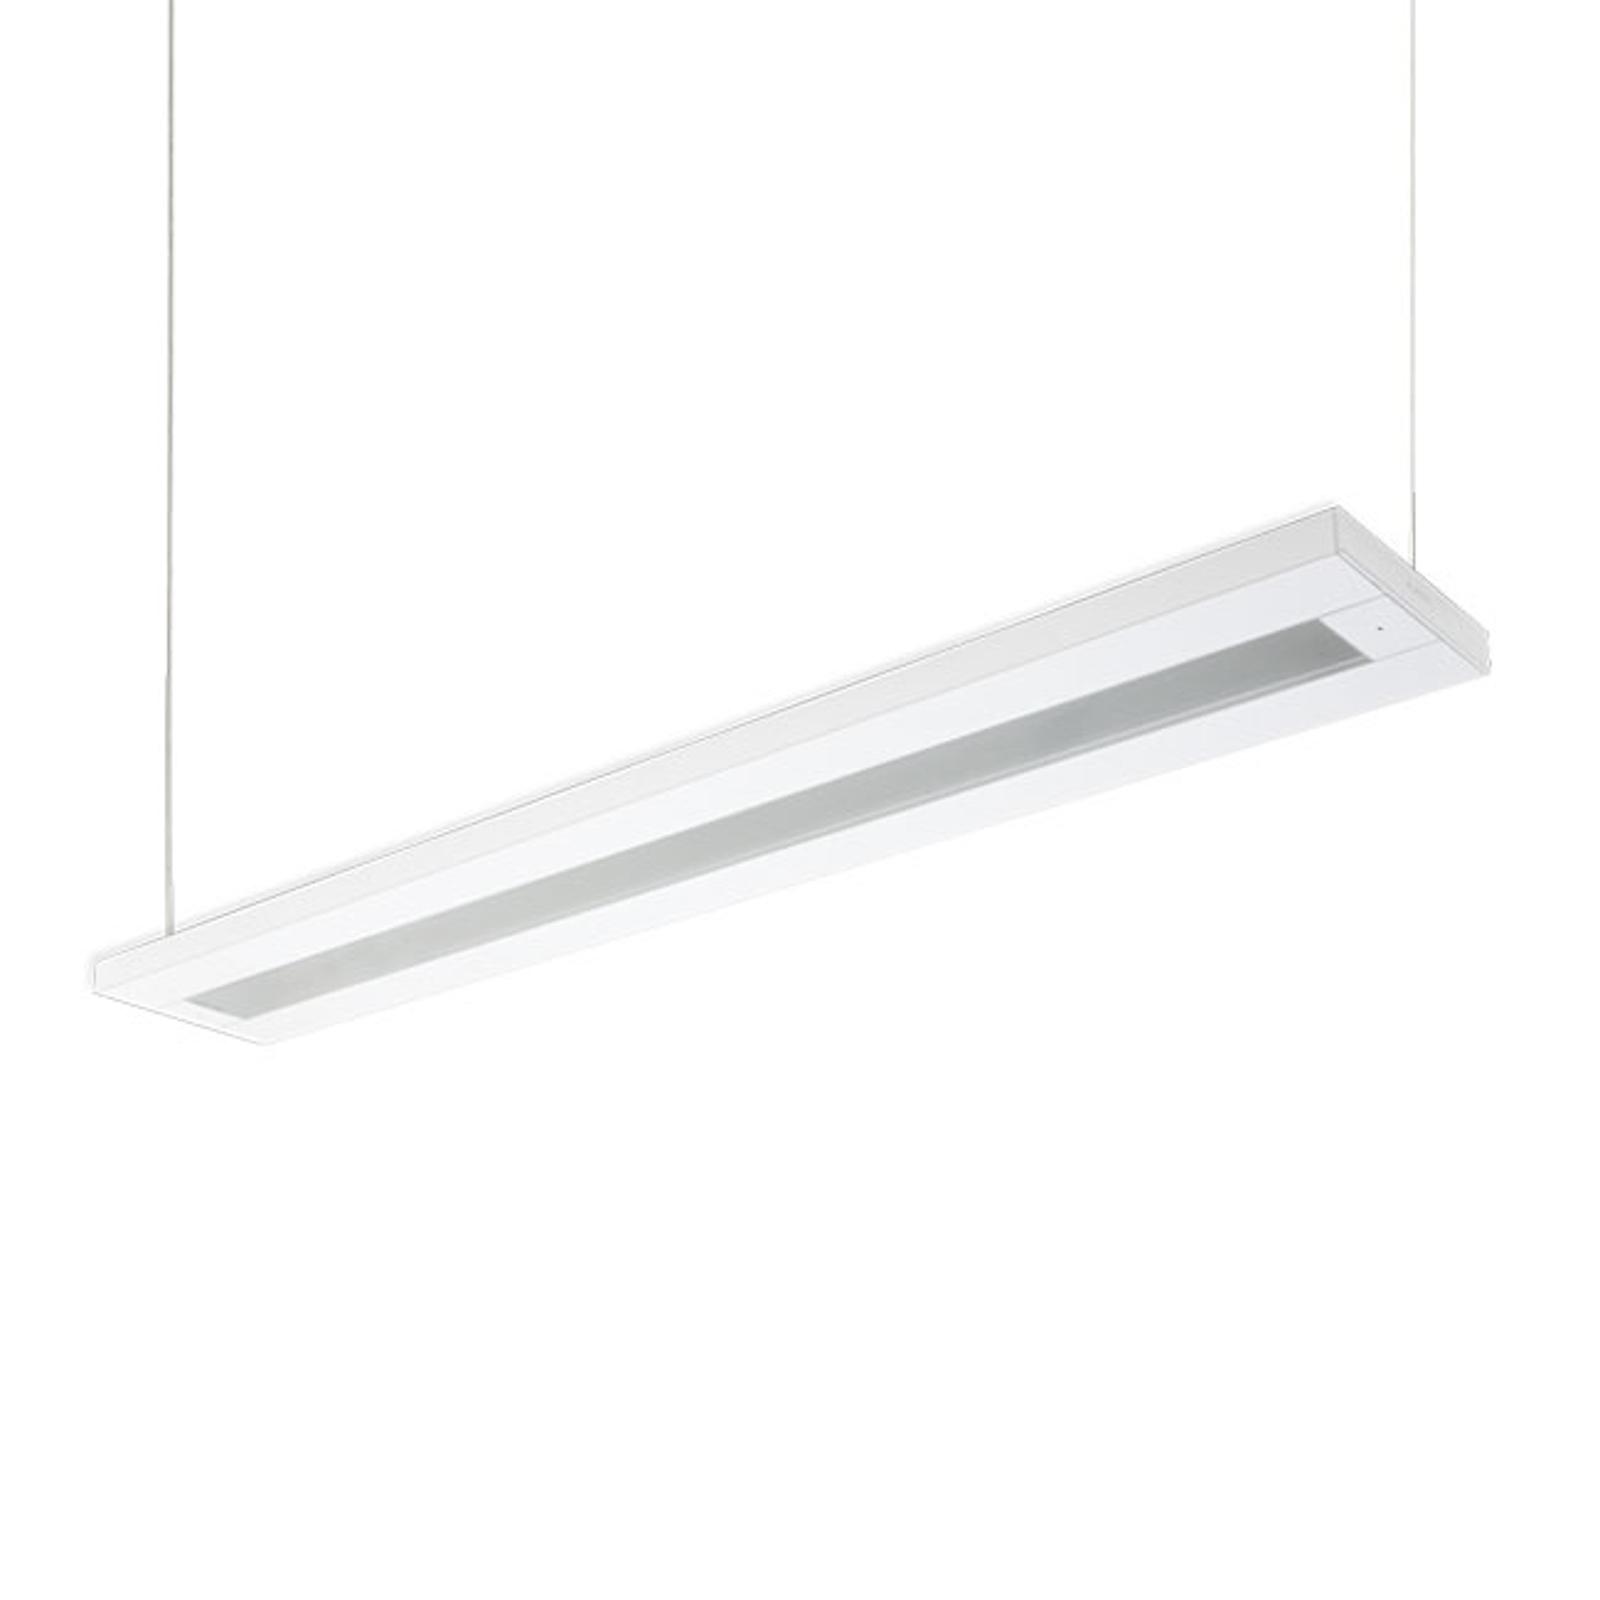 Suspension LED C20-P4 MP 127cm 4000K blanc 50W